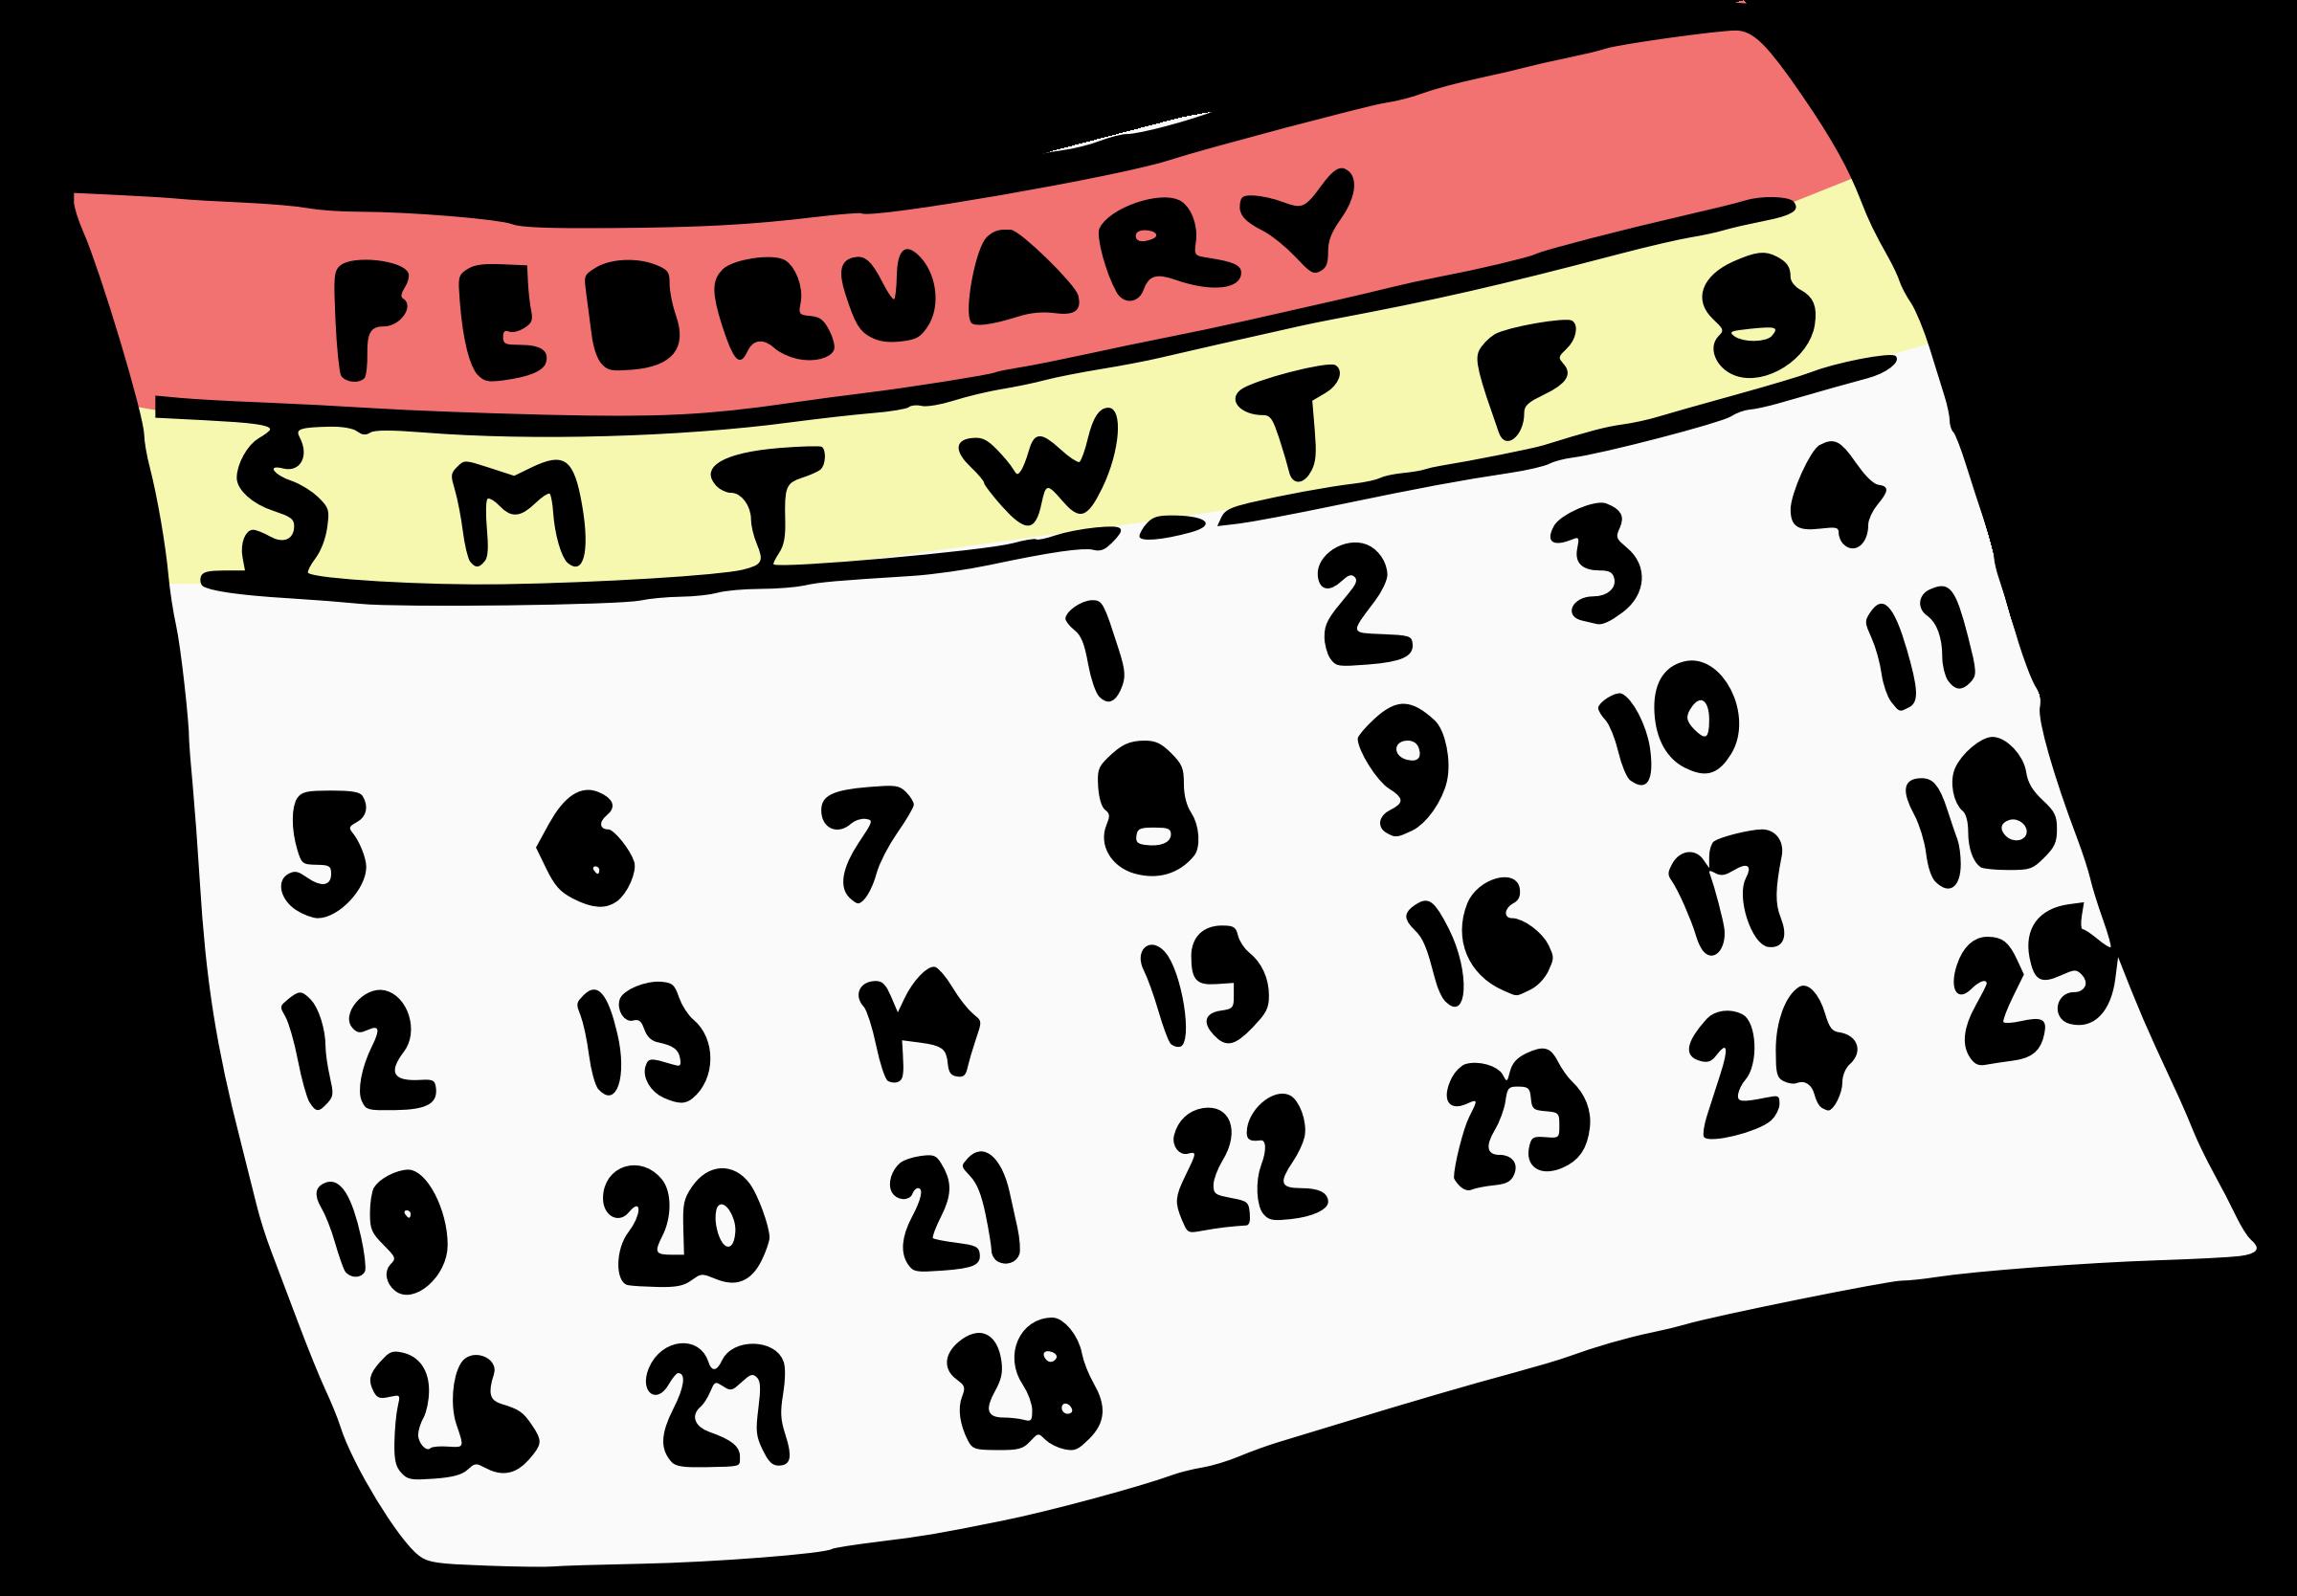 Картинки календаря для презентации нарисованные